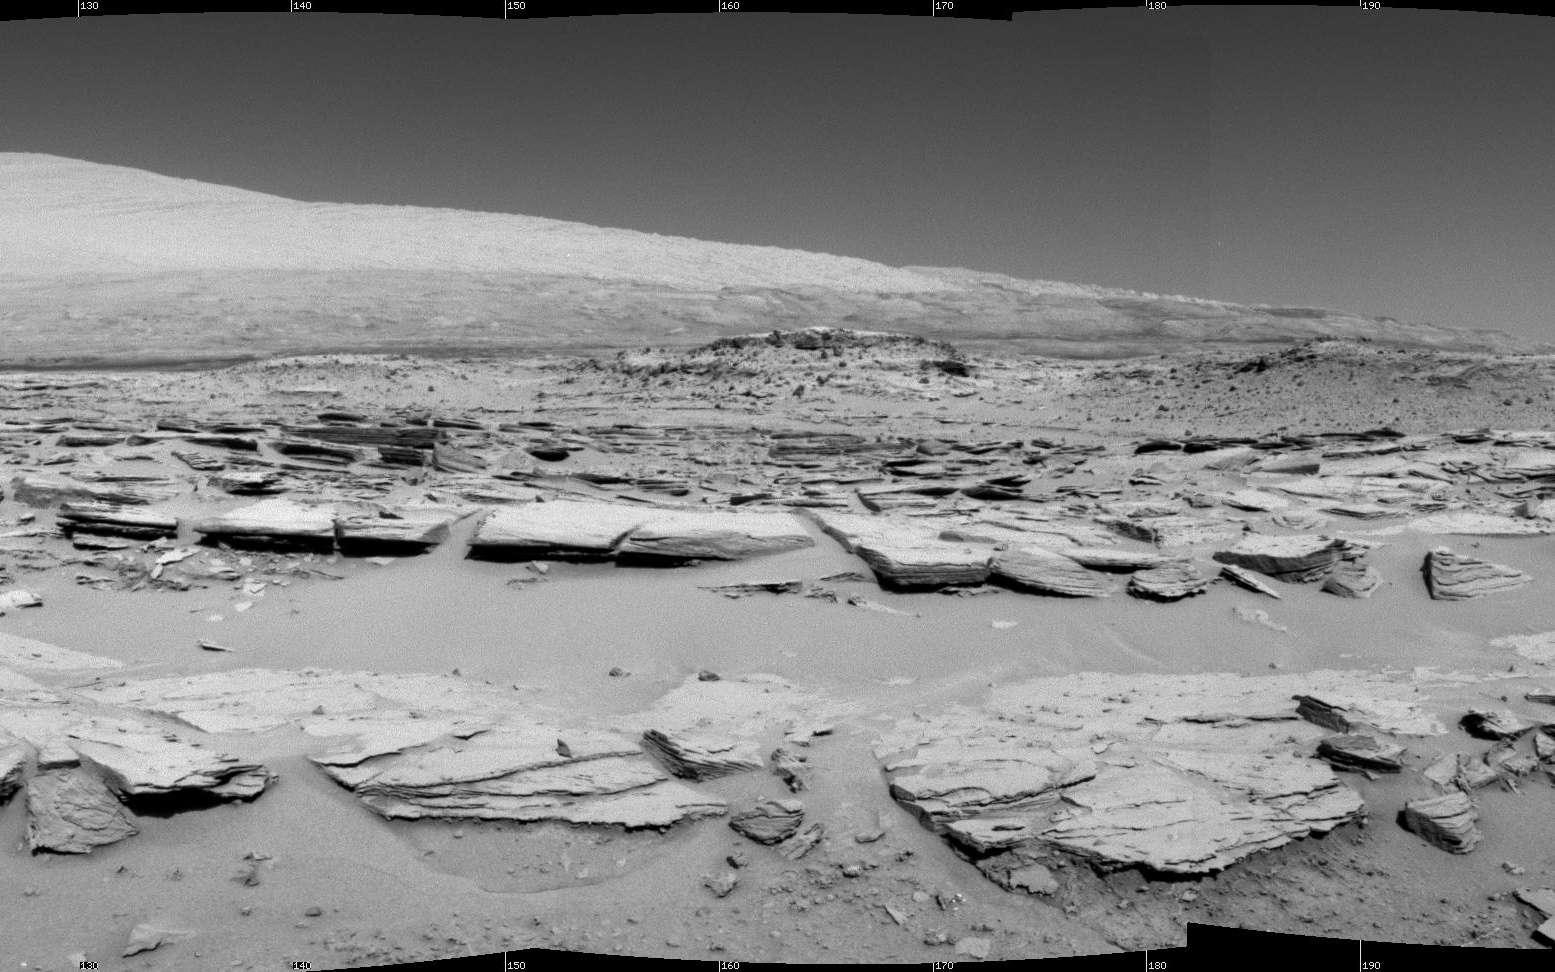 Magnifique panorama à 160° réalisé par la caméra de navigation (Navcam) de Curiosity, au 548e jour de sa mission. L'image (projection cylindrique) est centrée sur la direction sud-sud-est. Au premier plan, on distingue les feuillets de roches du site Junda où le rover s'est arrêté durant quelques heures, le 19 février. Haut de 5.500 mètres, le mont Sharp (également appelé Aeolis Mons, soit le mont Éole) domine majestueusement l'horizon. © Nasa, JPL-Caltech